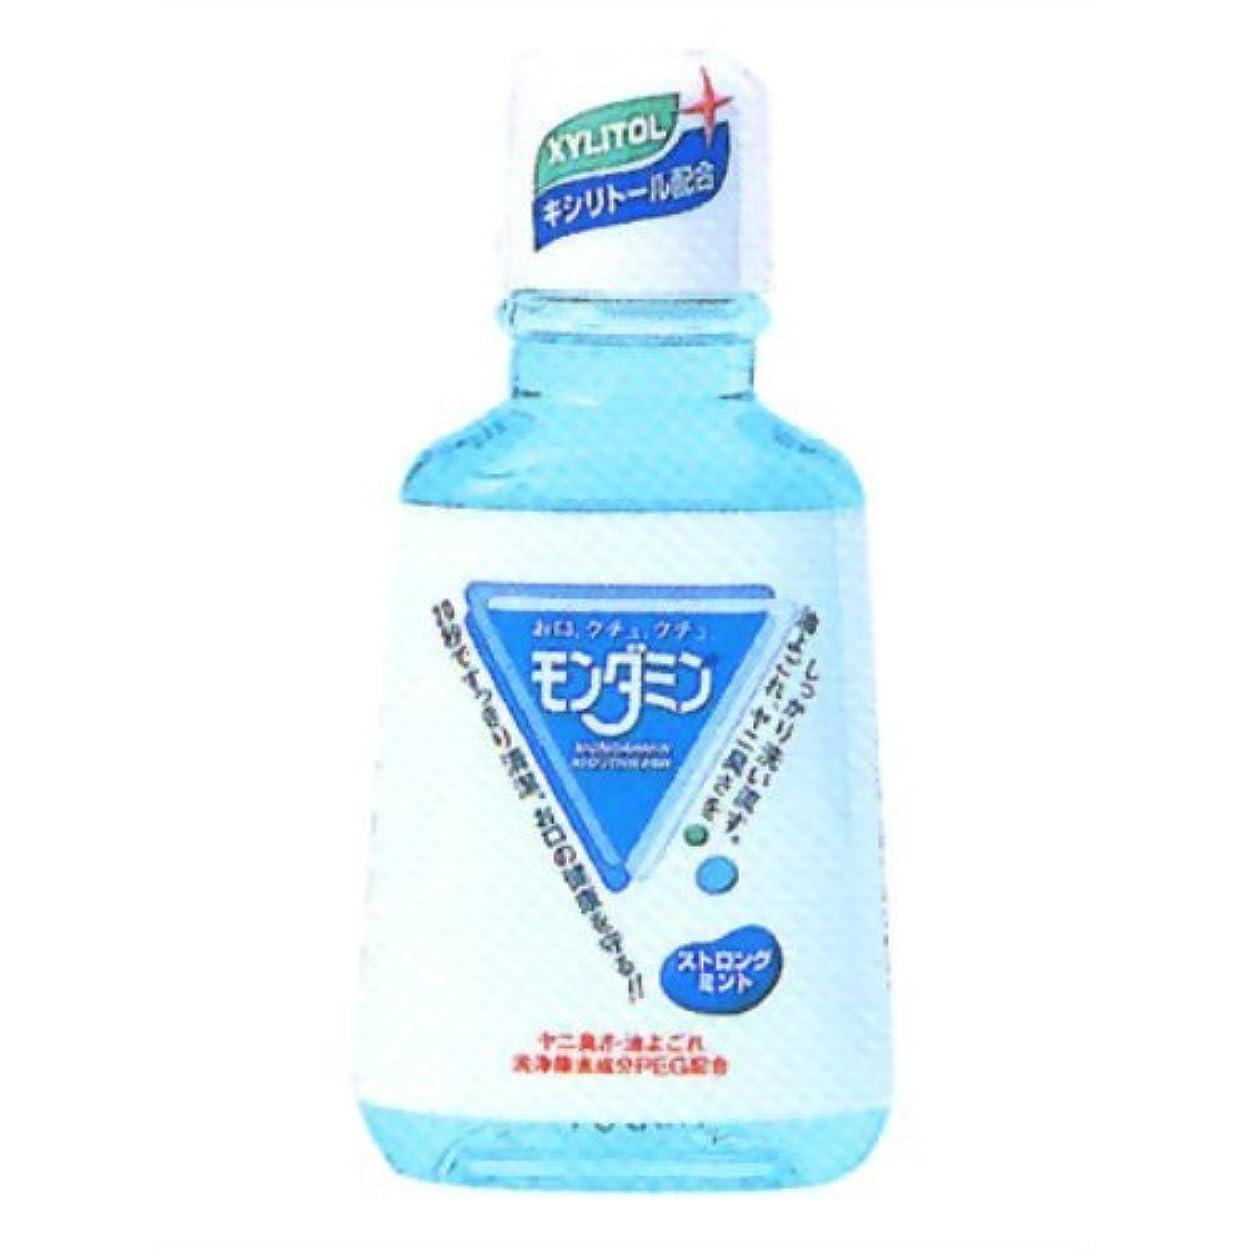 によってまともなファーザーファージュモンダミン ストロングミント ミニボトル × 12個セット